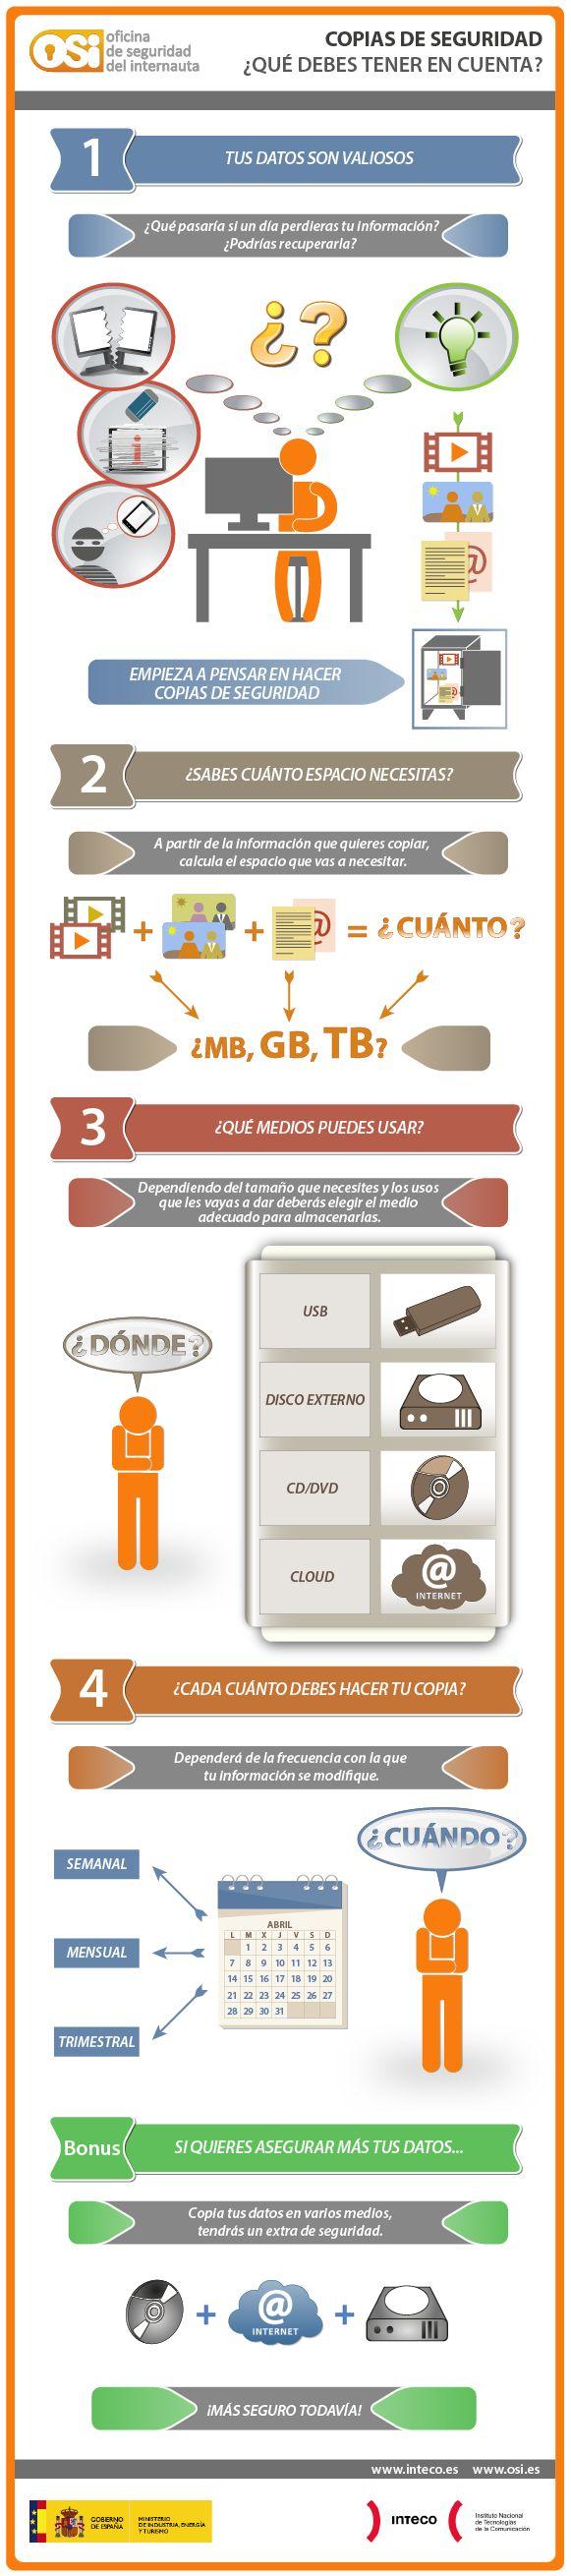 Copias de Seguridad: http://kcy.me/1gbfu ¿Qué debes tener en cuenta? #Backups